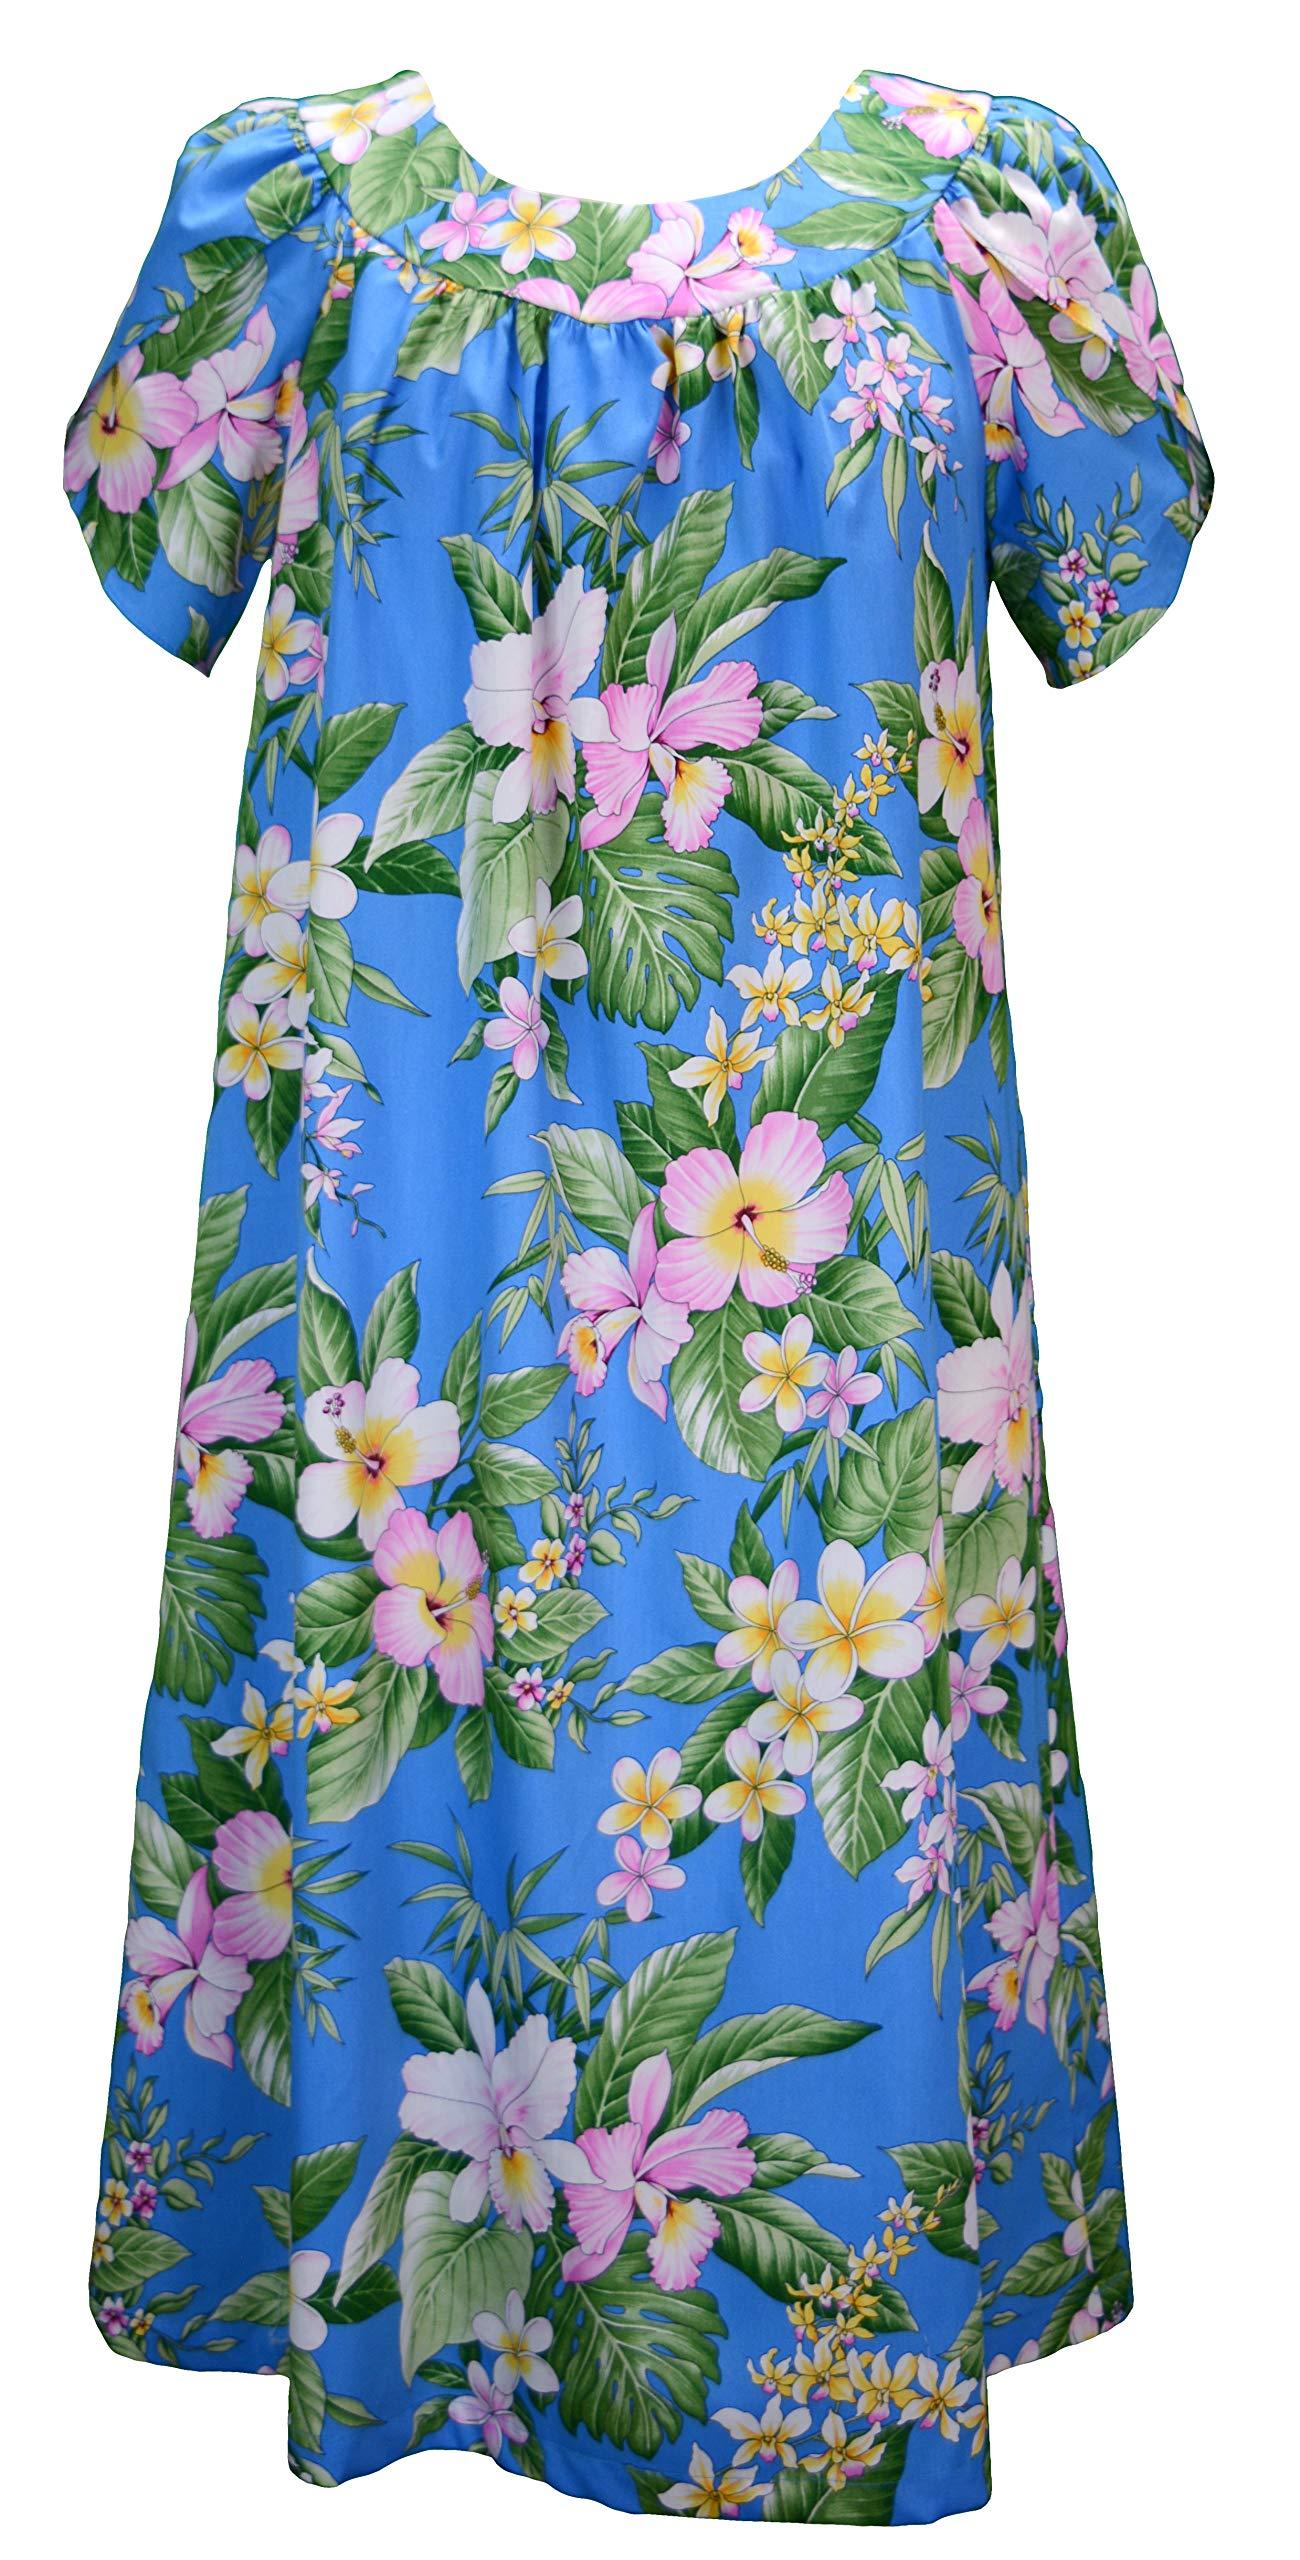 Available at Amazon: RJC Women's Maui Hibiscus Garden Muumuu Dress